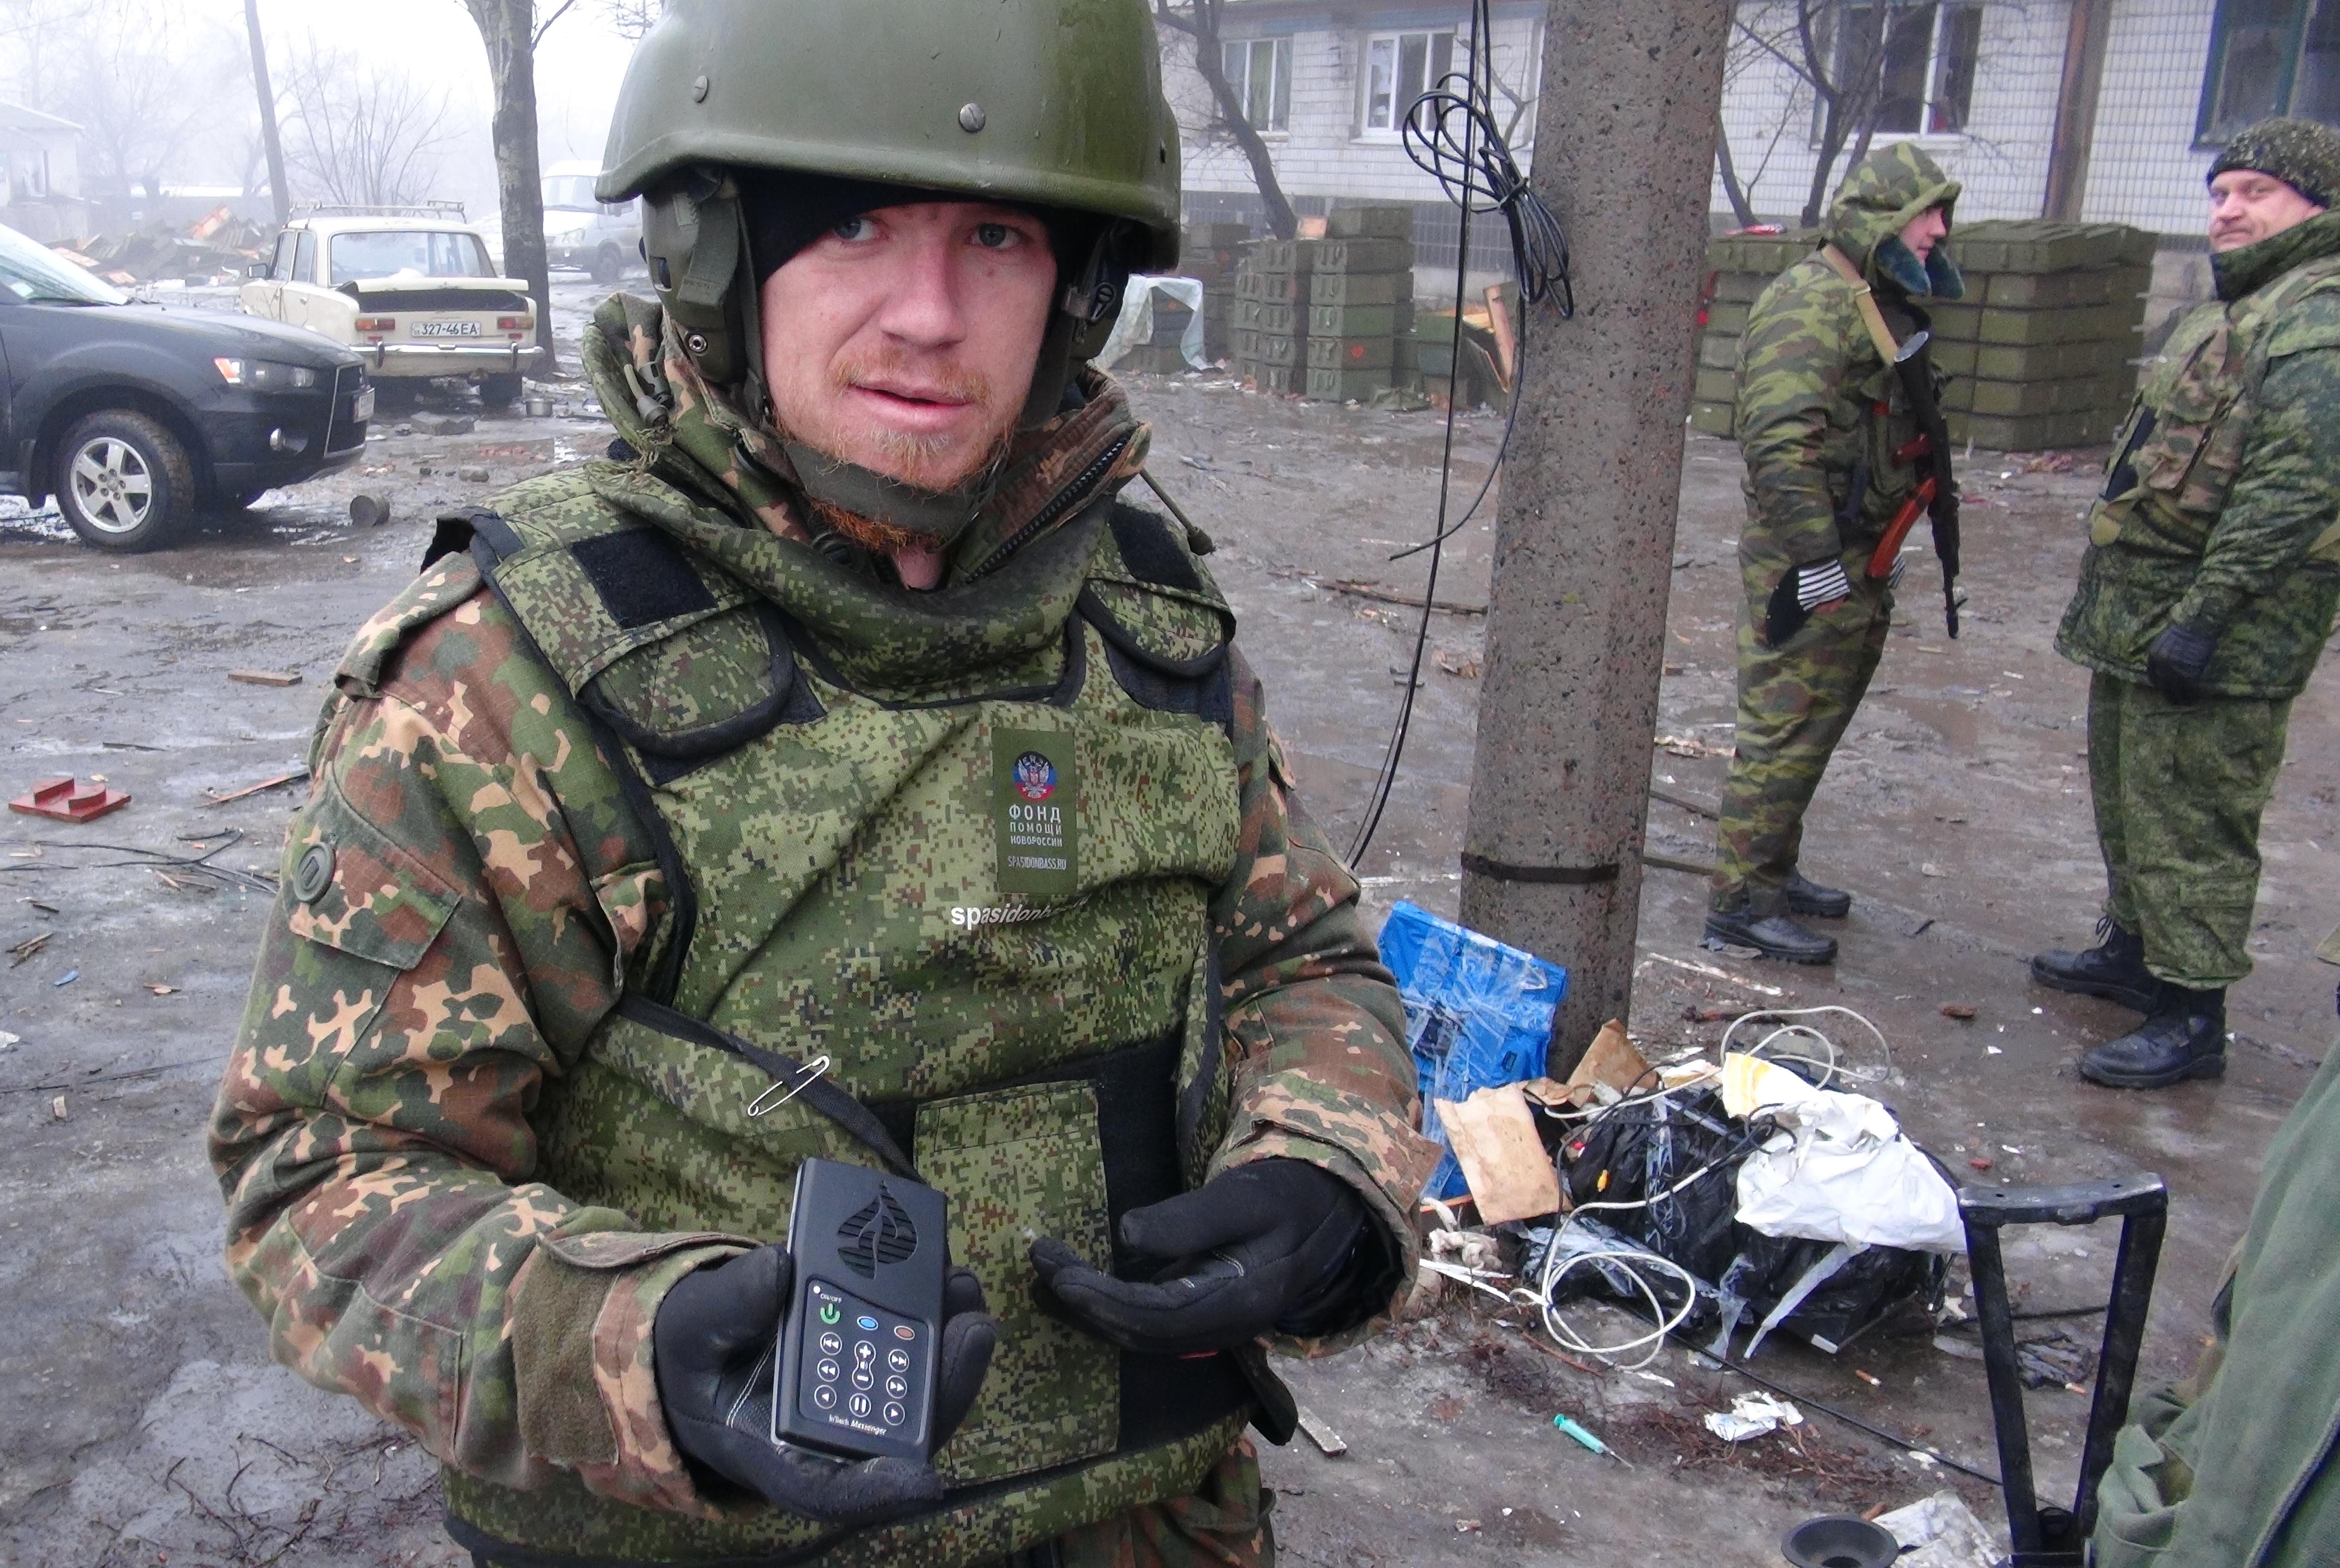 Убийство Моторолы расценивается властями ДНР как объявление Киевом войны Фото: АЛексей Дружинин/ТАСС